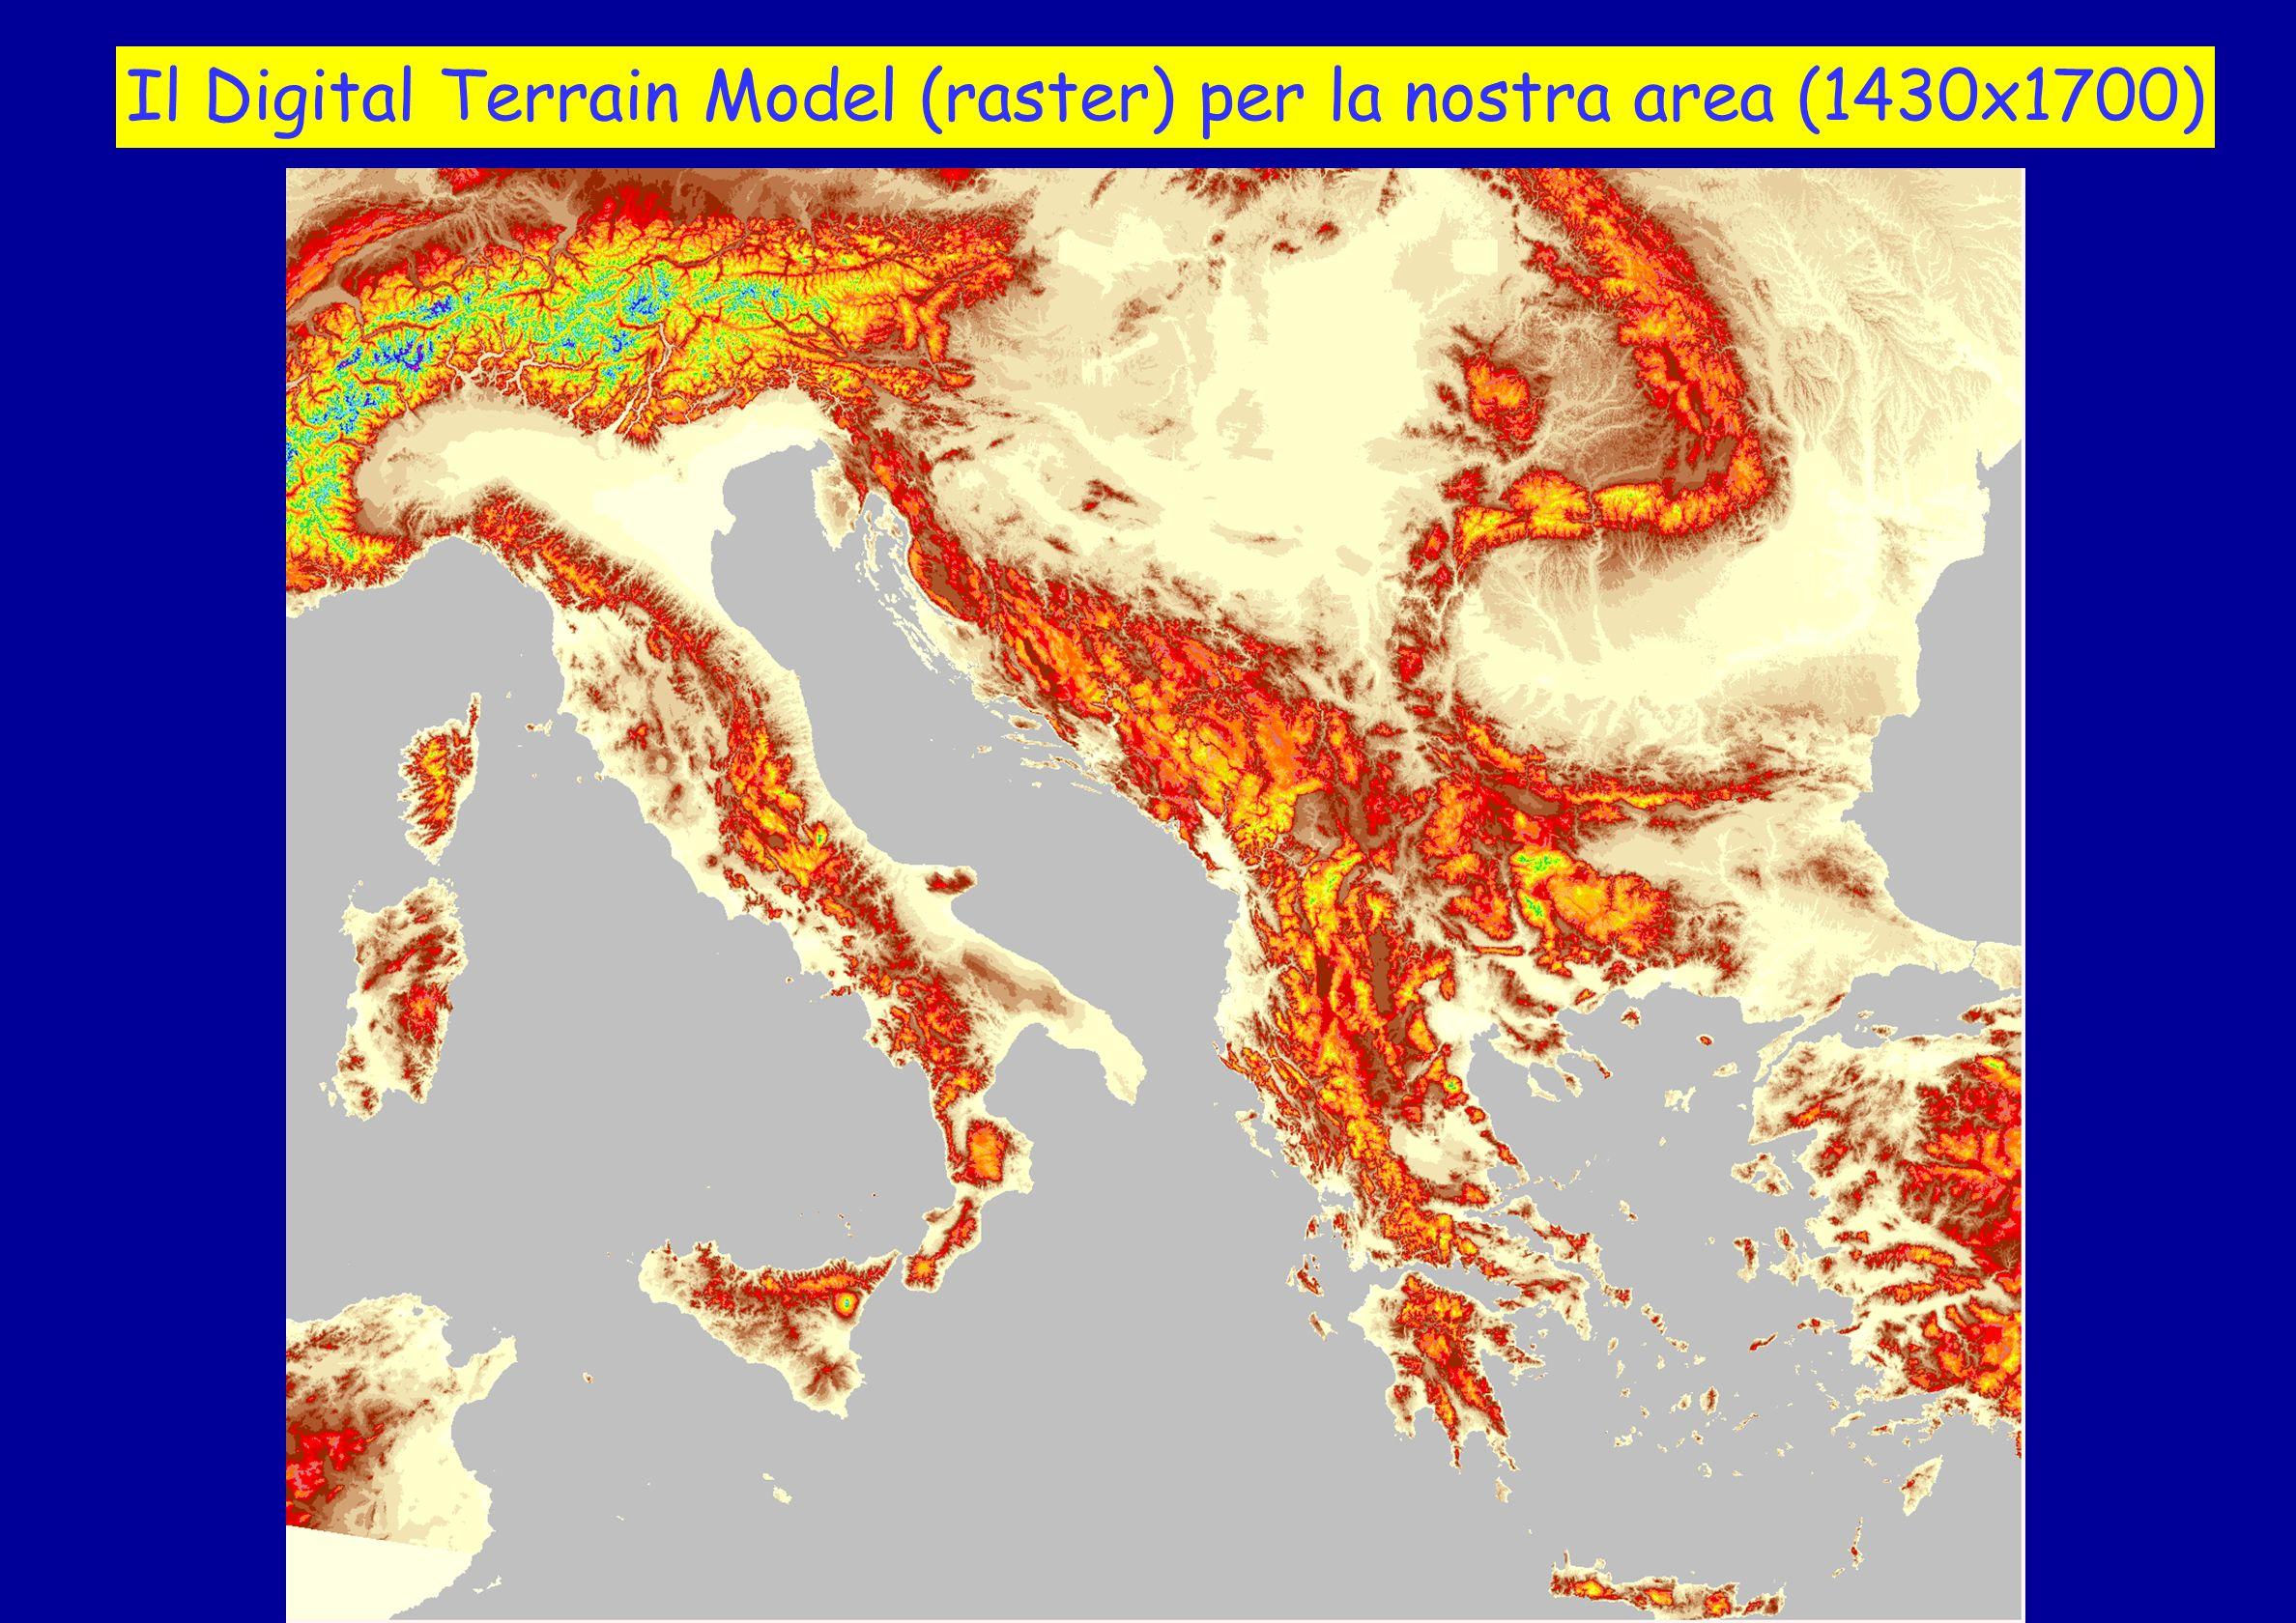 Il Digital Terrain Model (raster) per la nostra area (1430x1700)